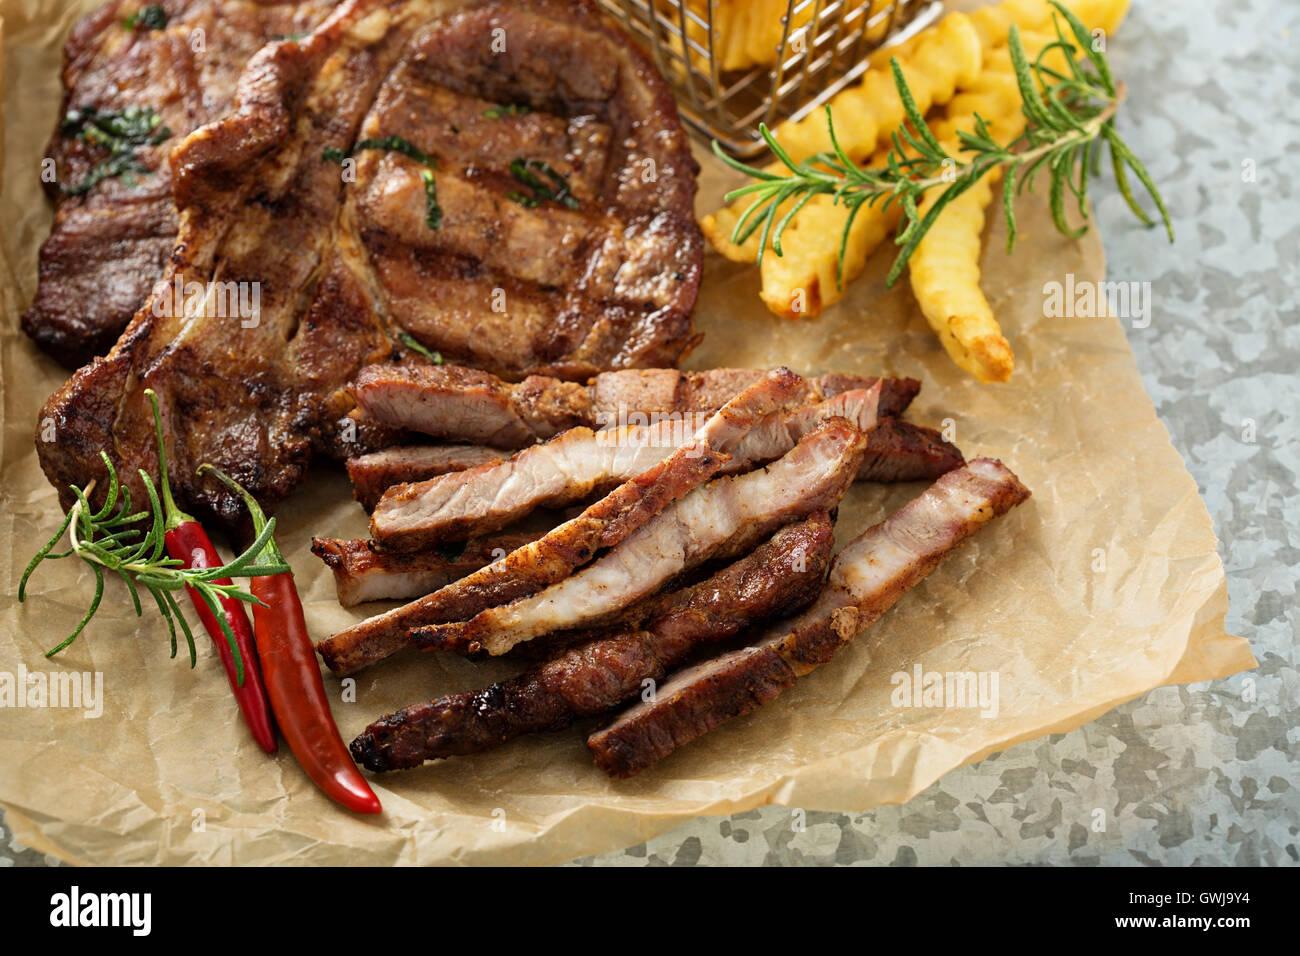 Gegrilltes Schweinefleisch mit Pommes frites Stockbild